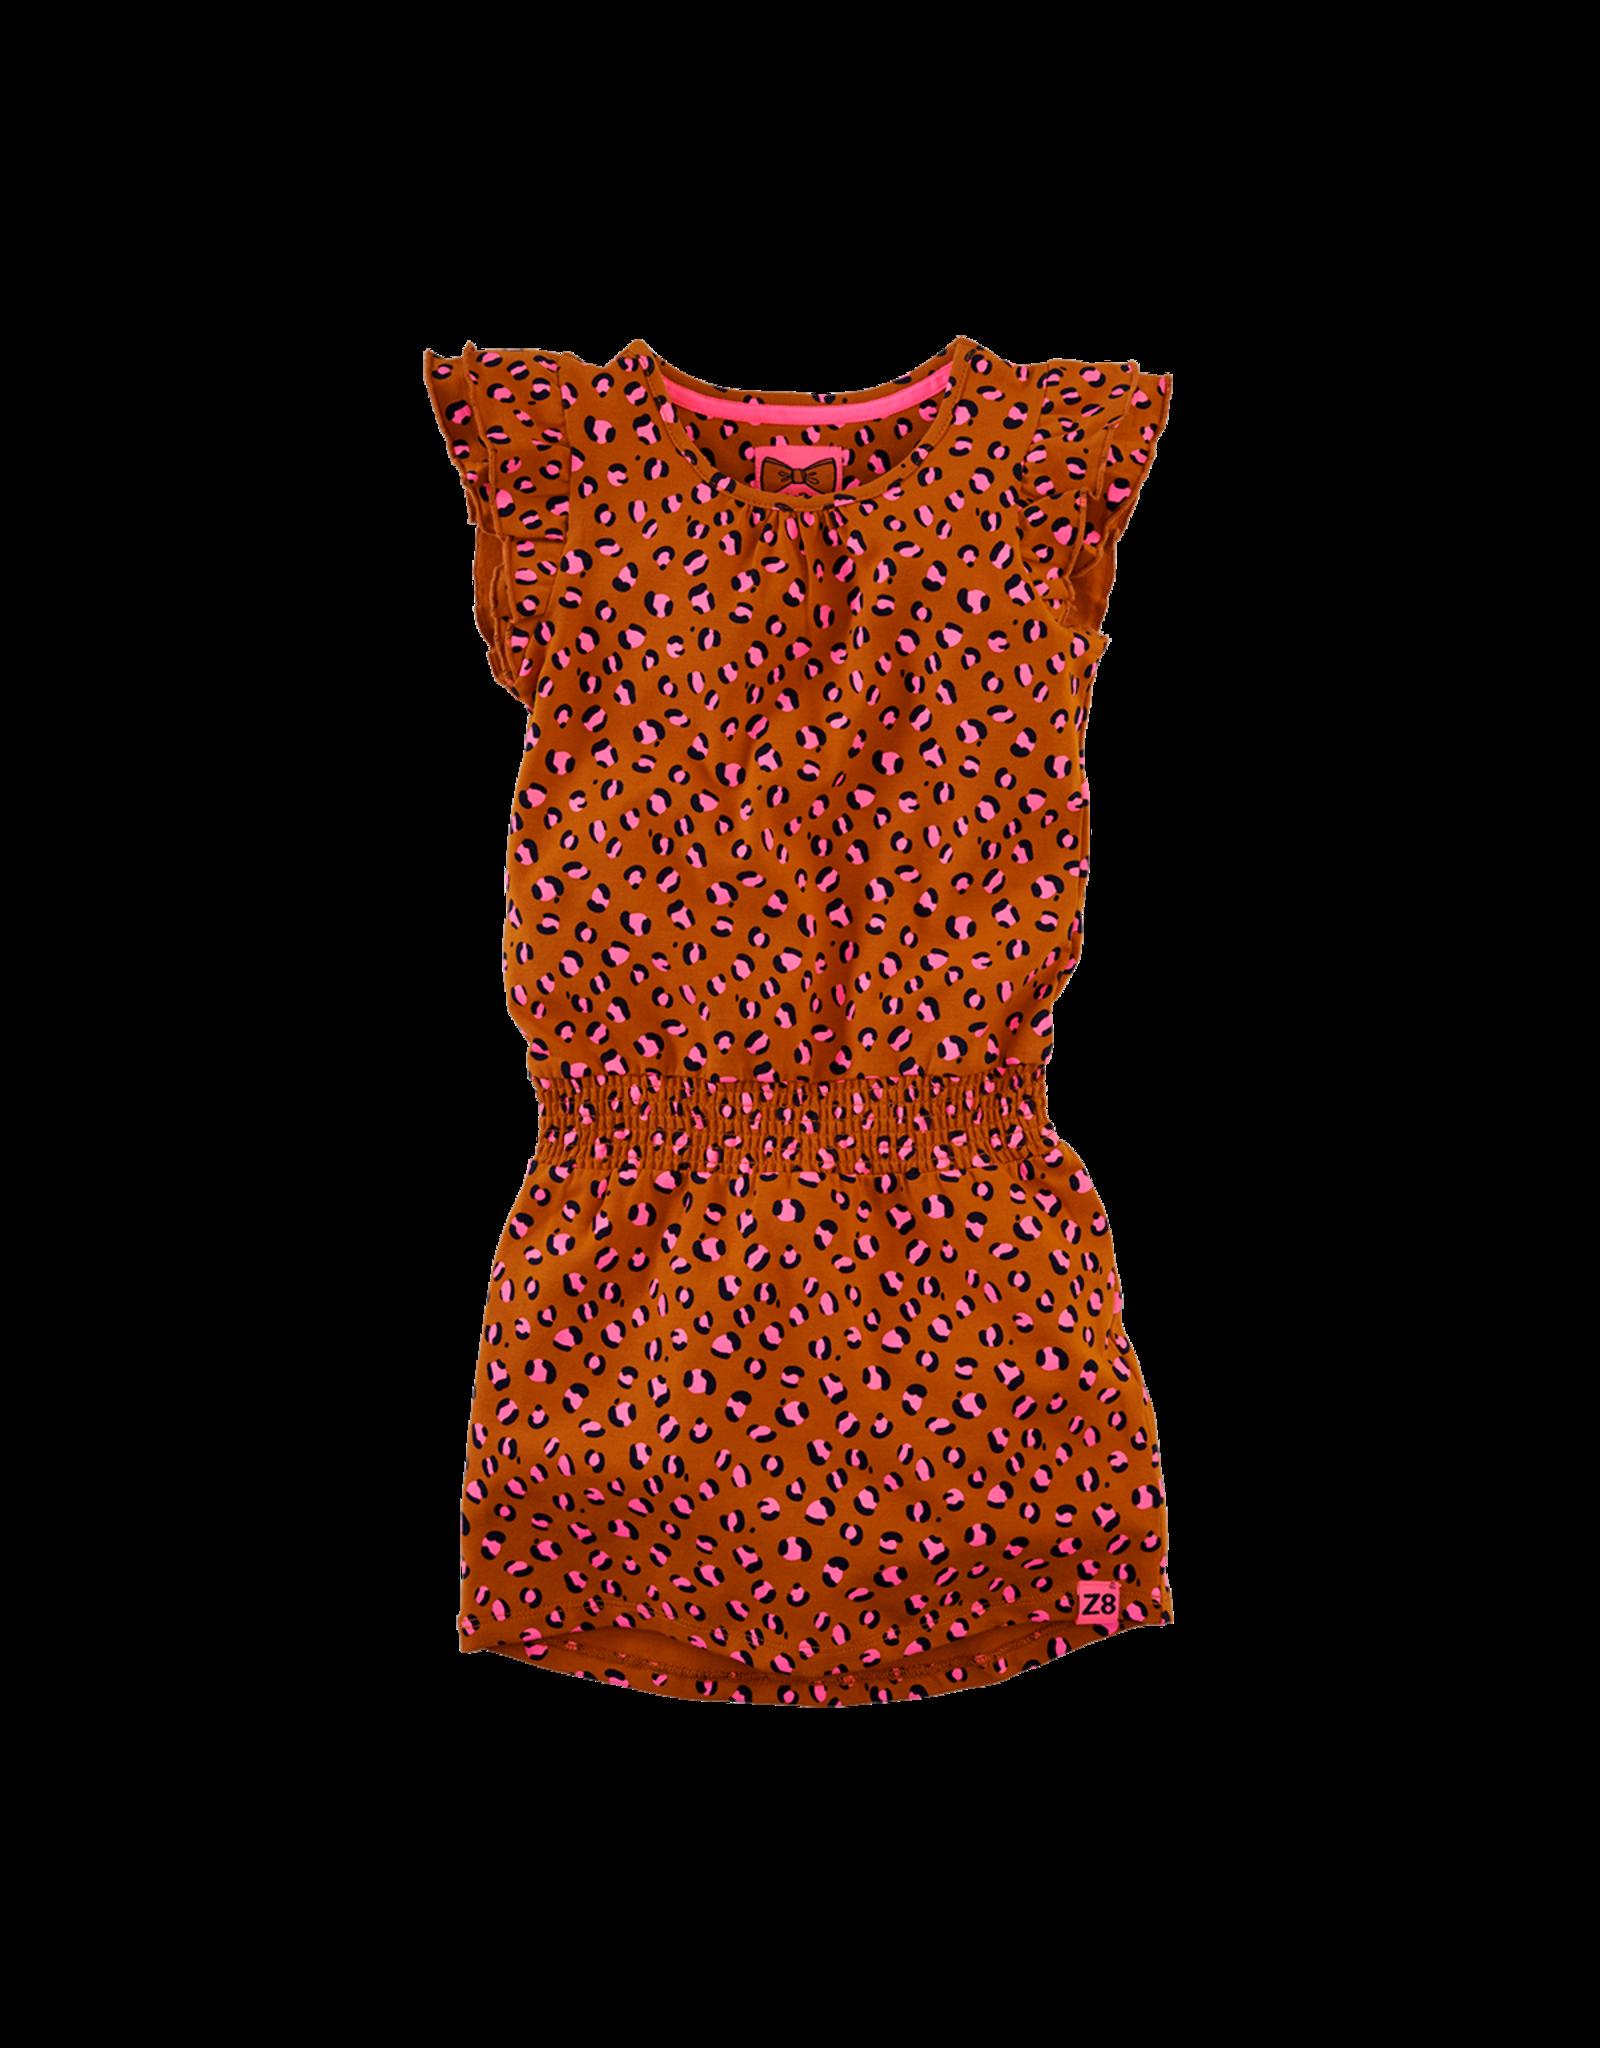 Lyla - cognac/leopard